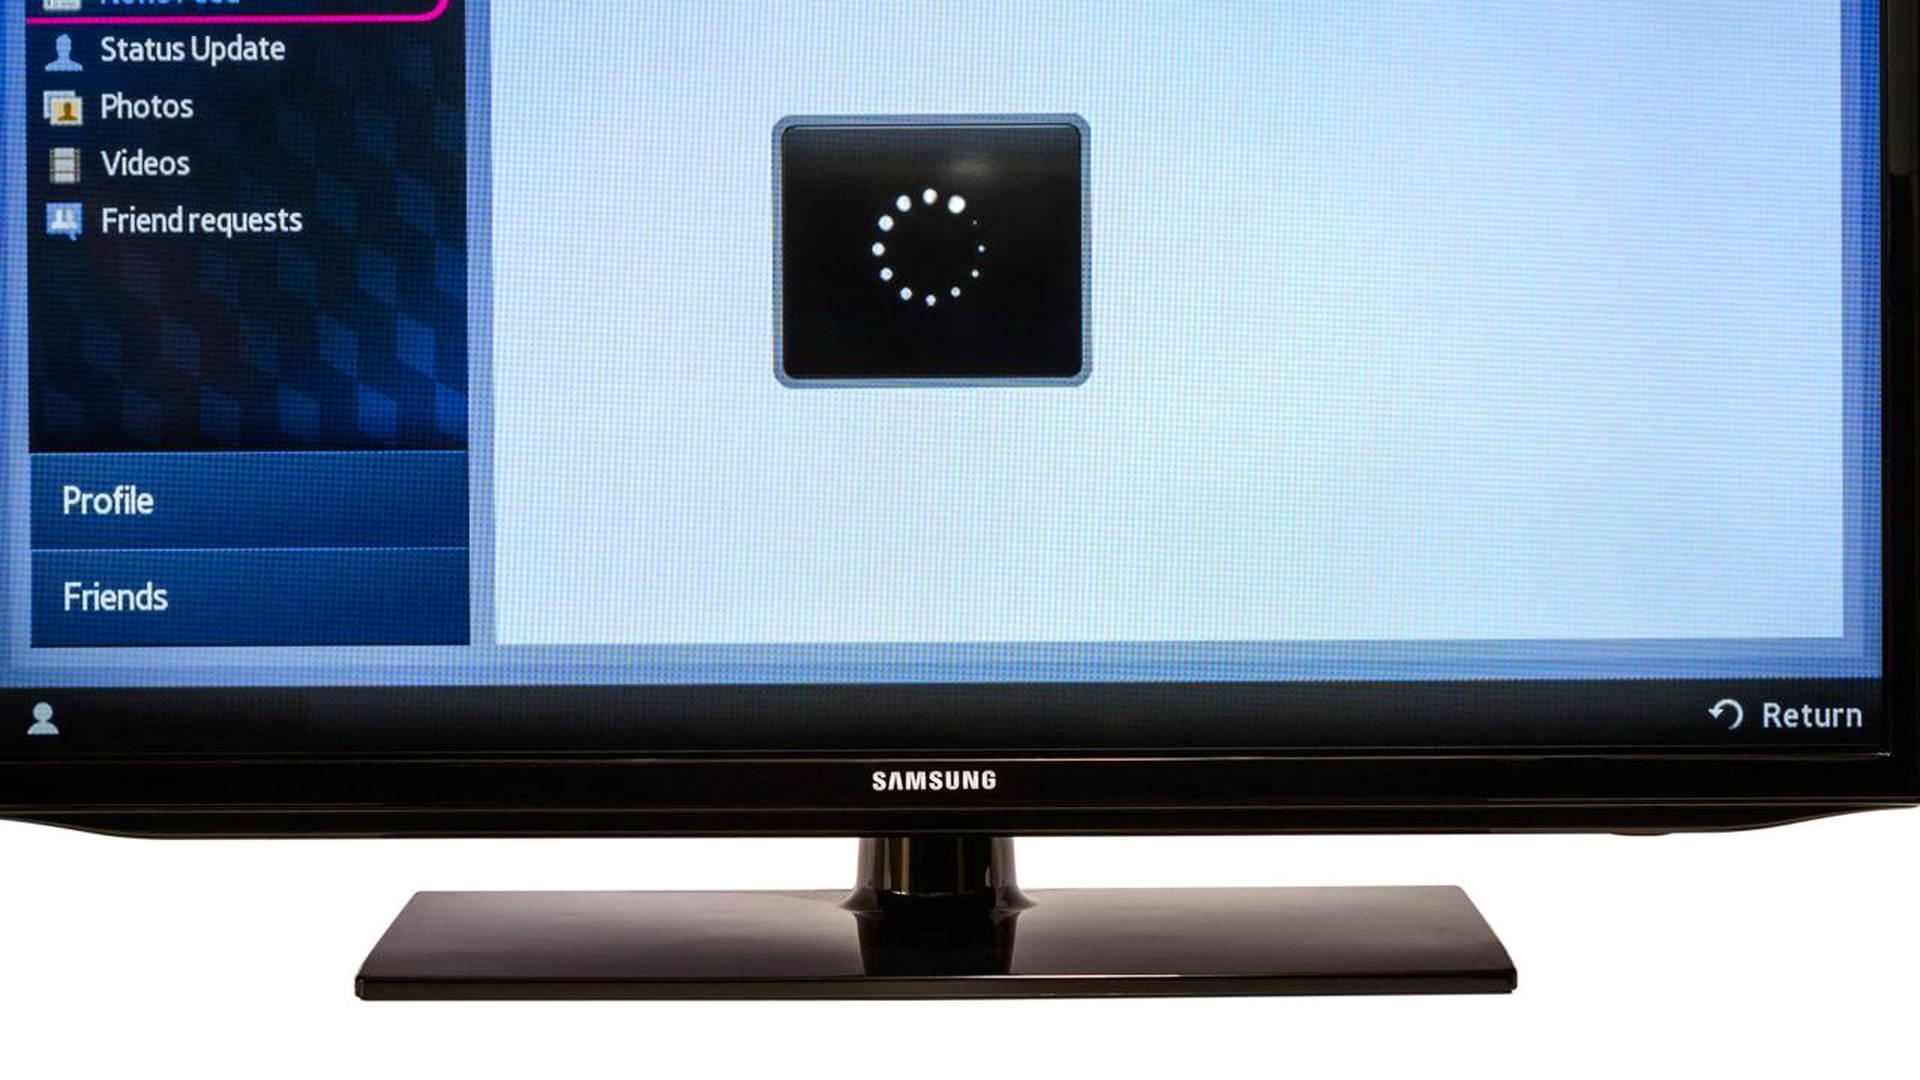 Samsung Tv Ohjelmistopäivitys